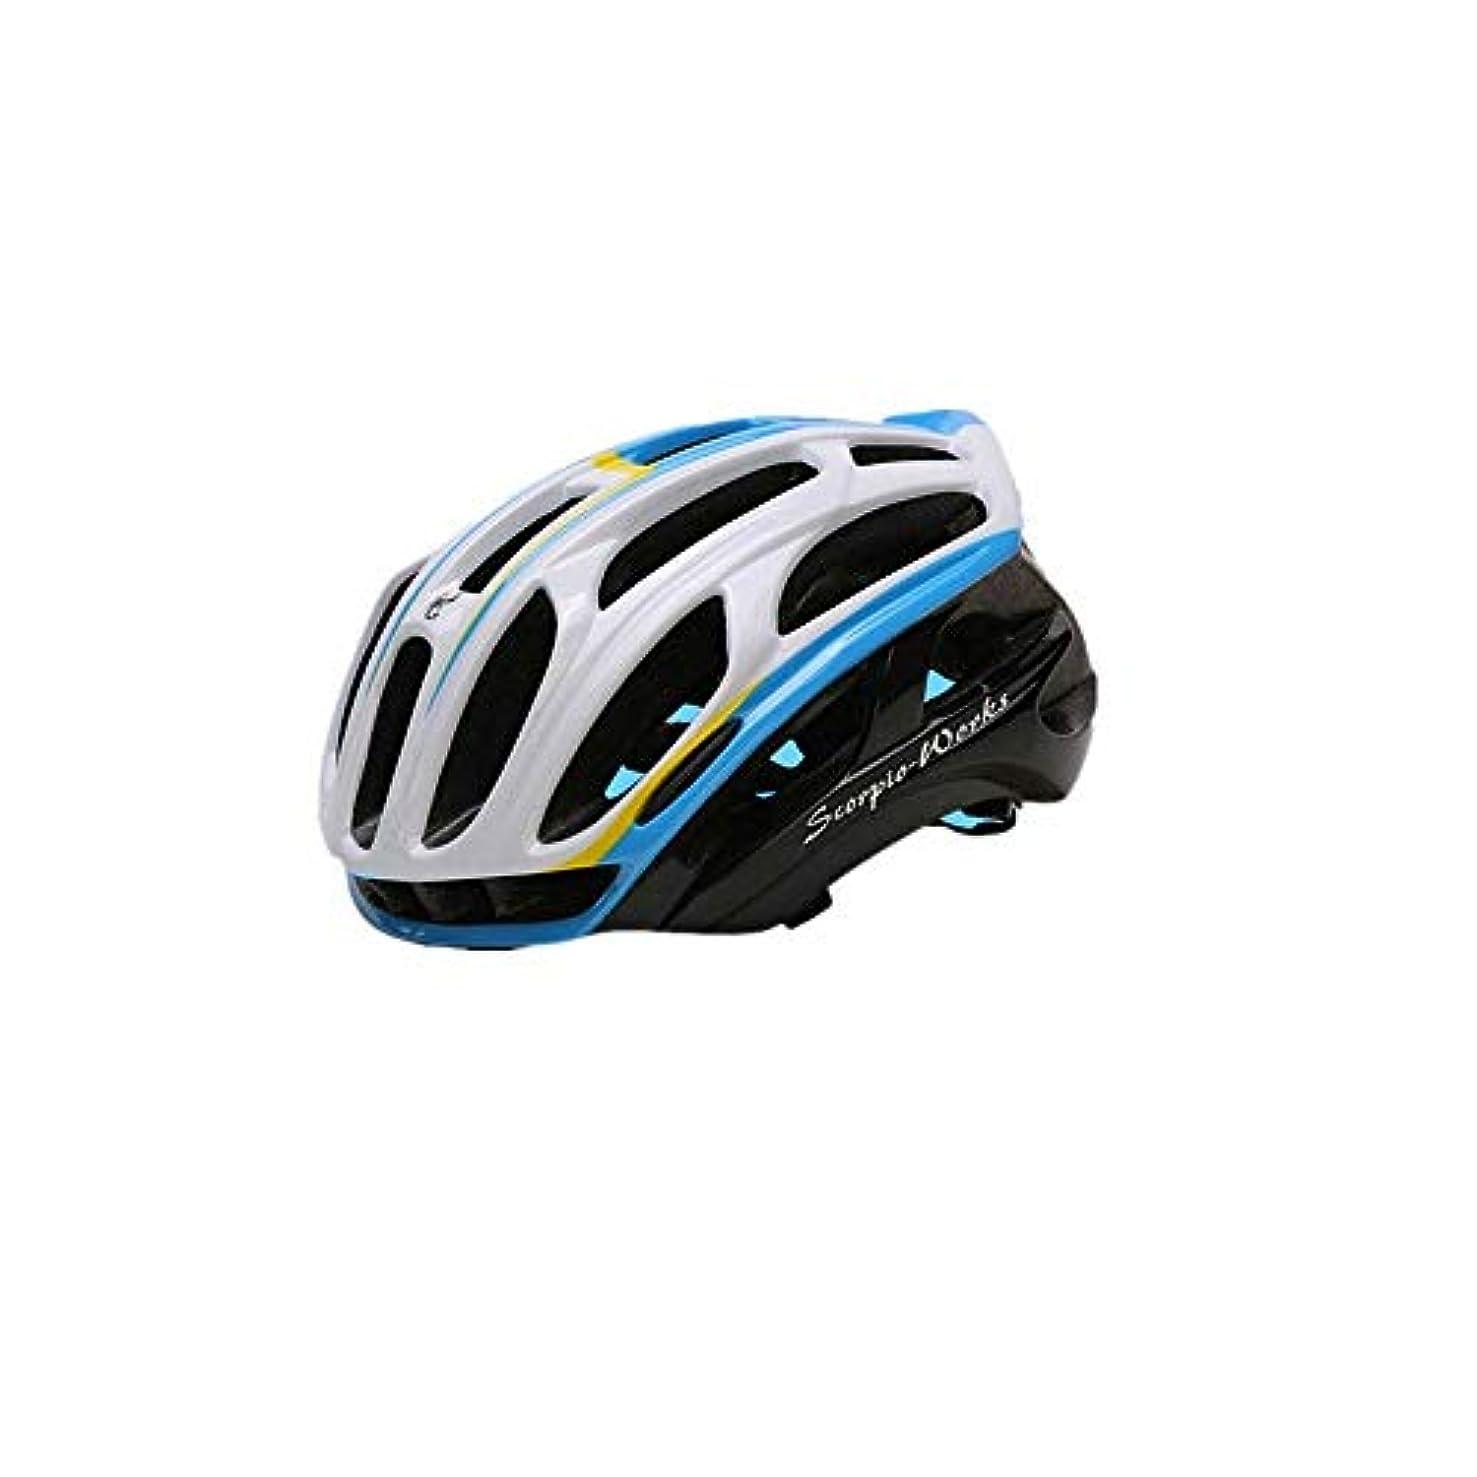 軽く逆さまに差別化するOkiiting PC用ヘルメットサイクリング用ヘルメットサイズ調整可能超軽量ヘルメット耐摩耗設計弾性ヘルメット衝撃吸収保護両面ホットプレス うまく設計された